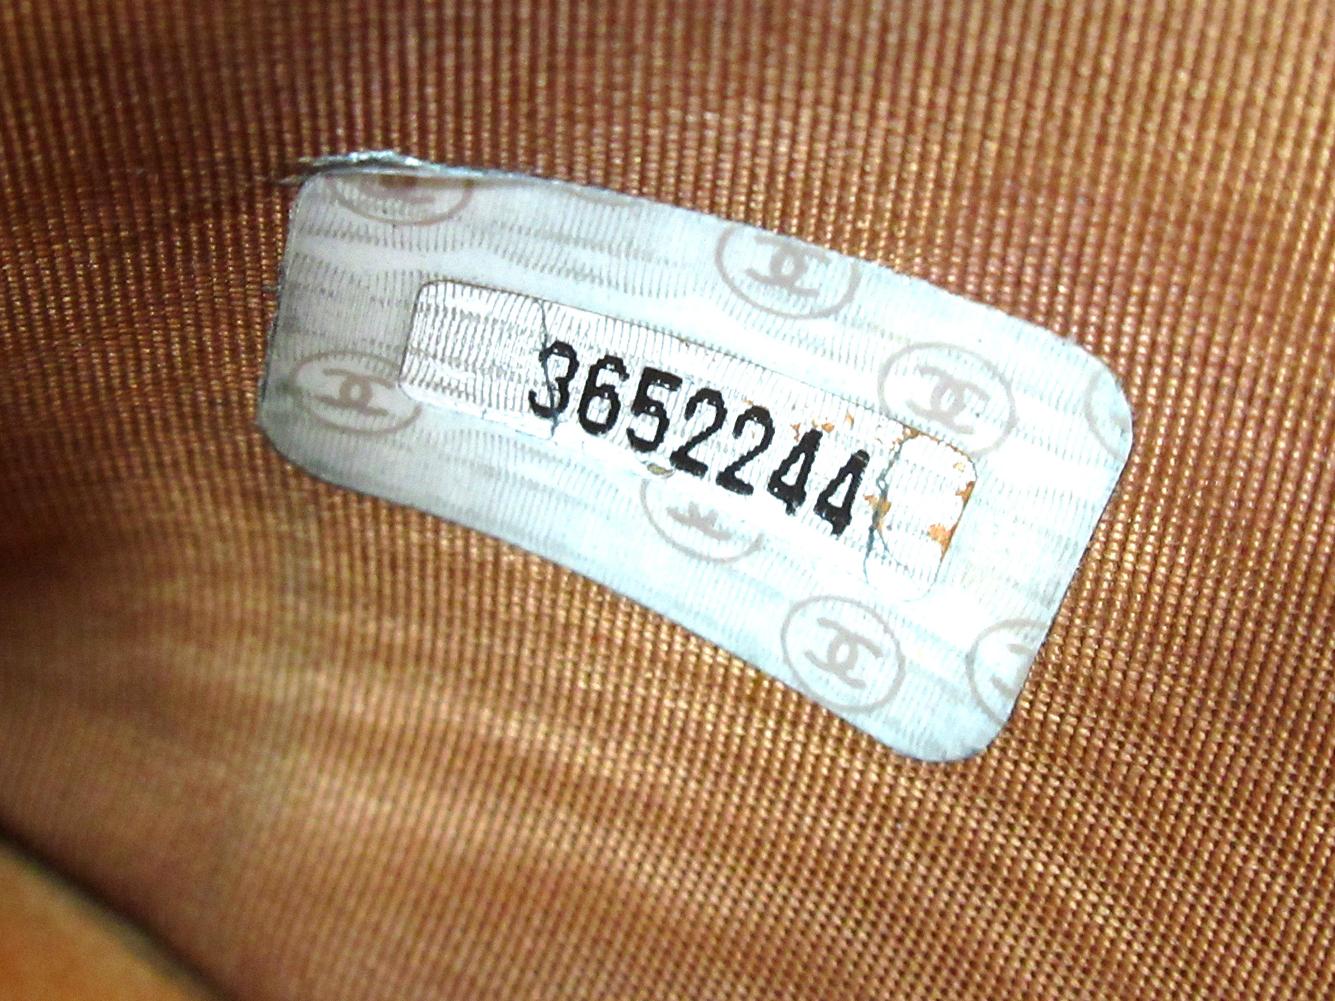 【中古】シャネルWホック財布二つ折り財布キャビアスキン×ココマークブラウンレザ-CHANELT10486